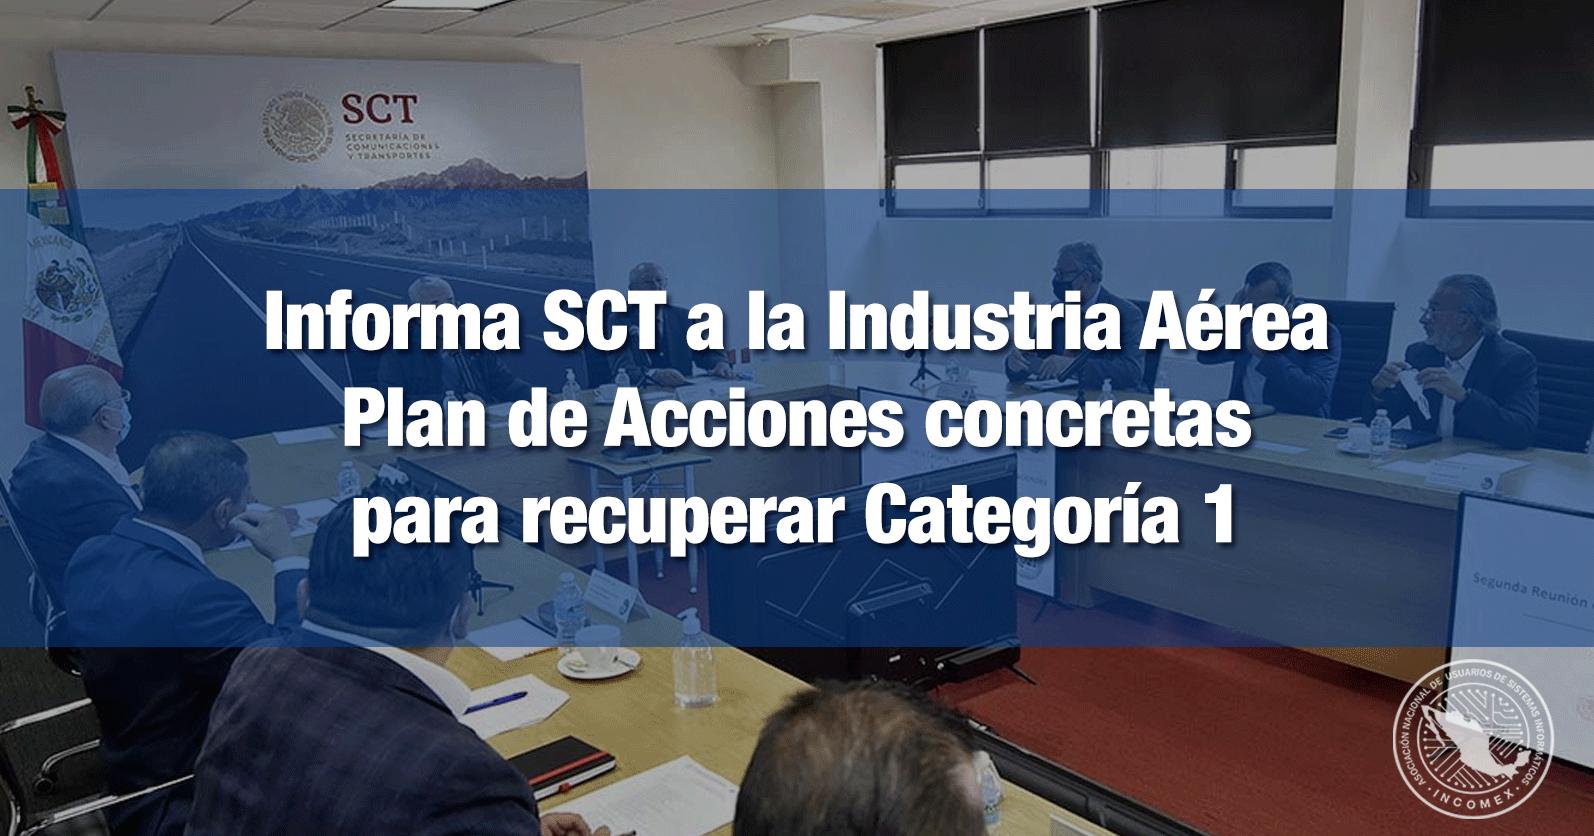 Informa SCT a la Industria Aérea Plan de Acciones concretas para recuperar Categoría 1